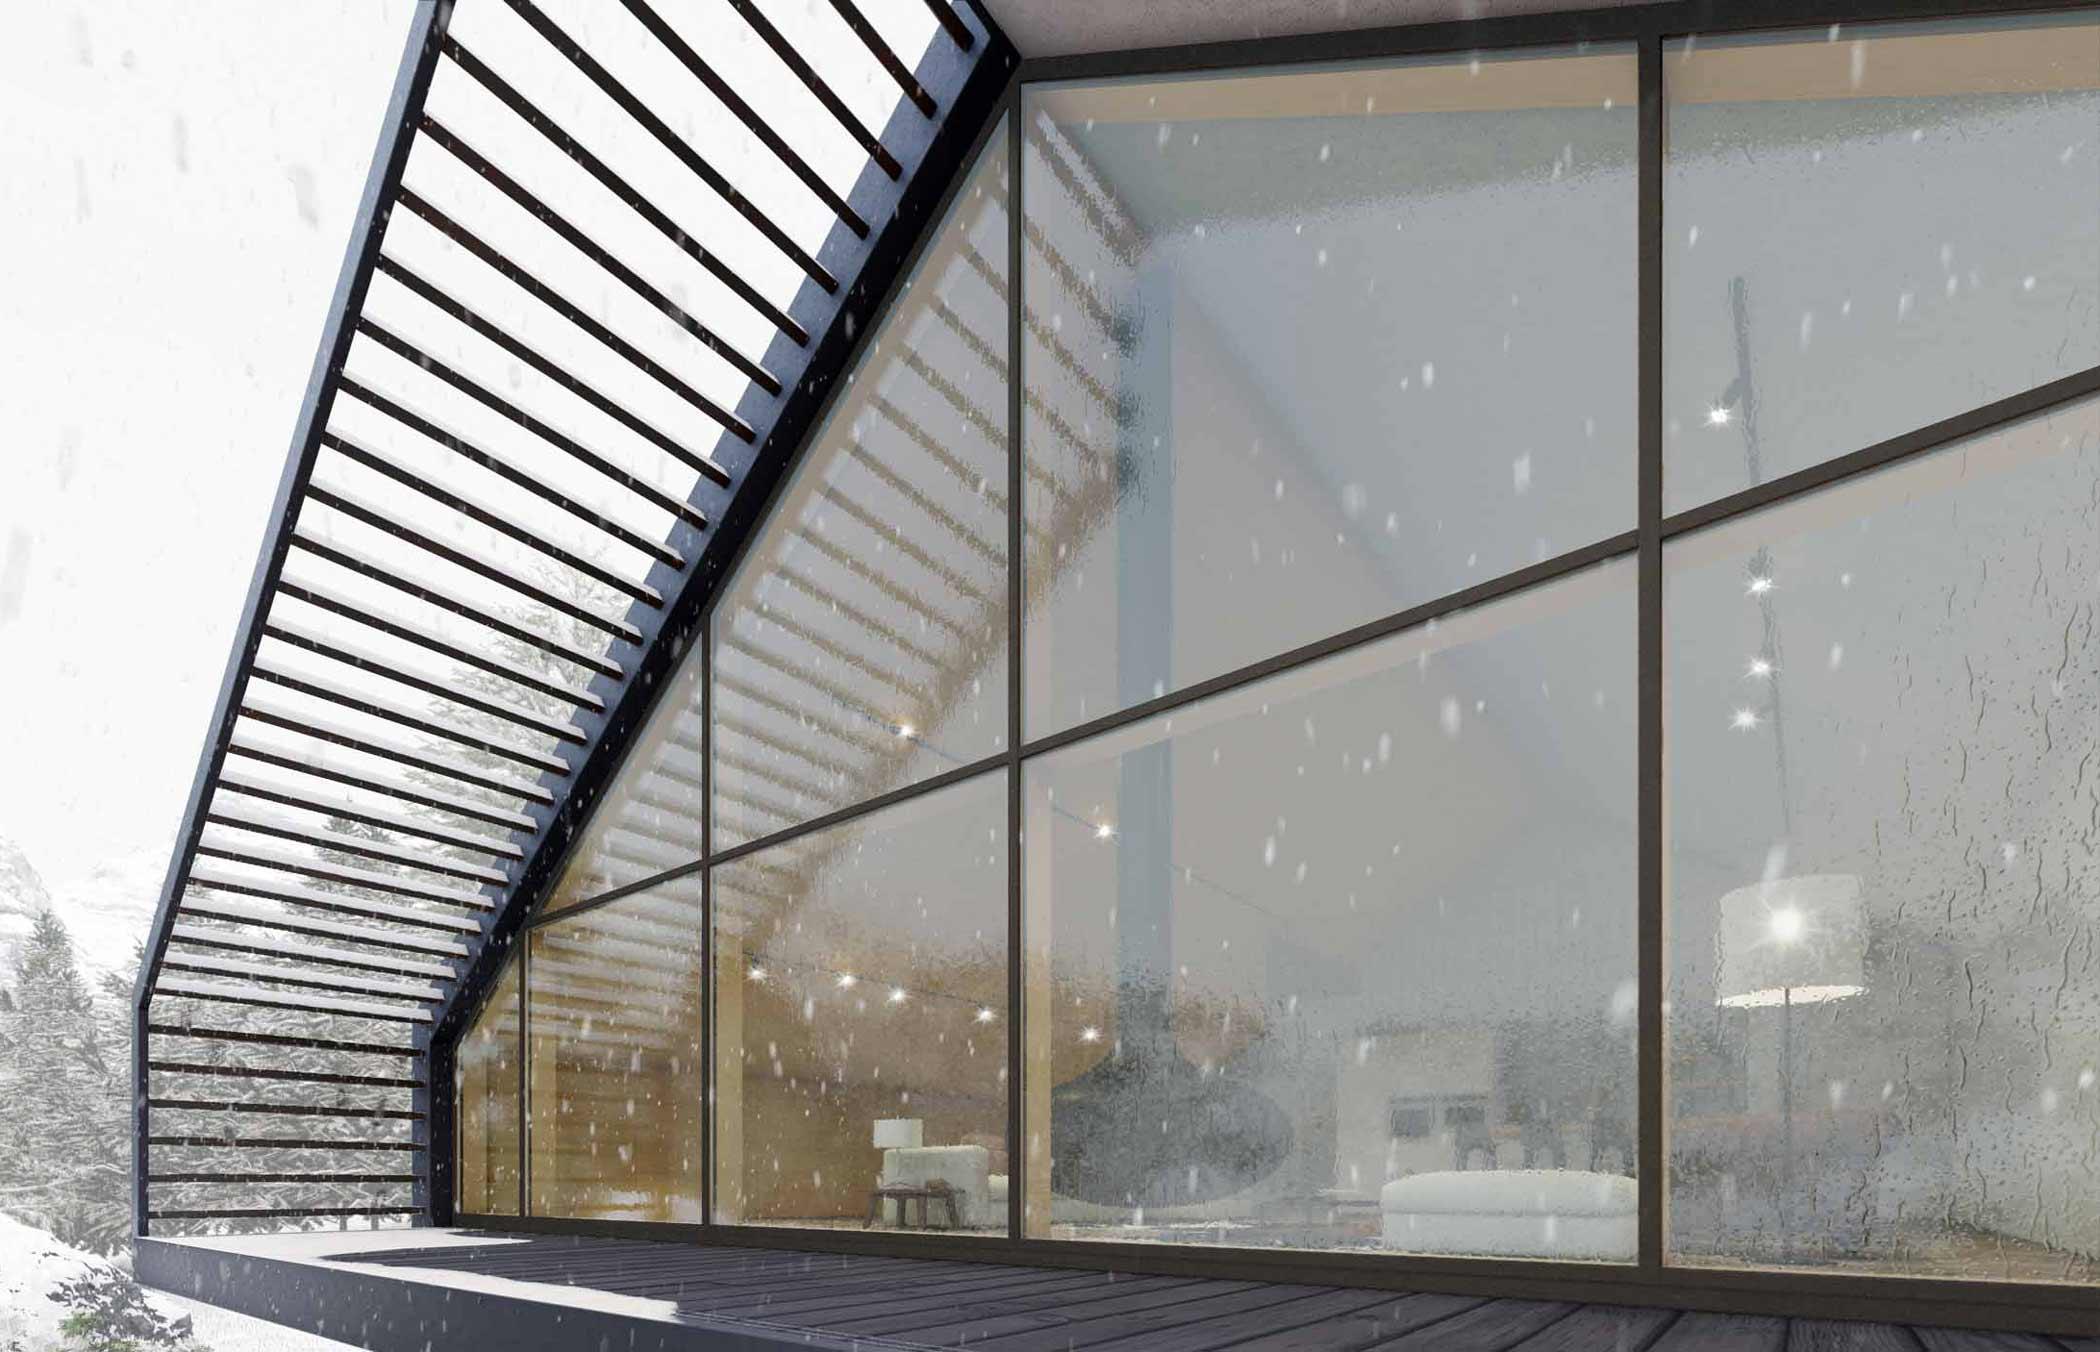 Vue d'ensemble d'une façade vitrée avec des profilés fins recouverts d'aluminium